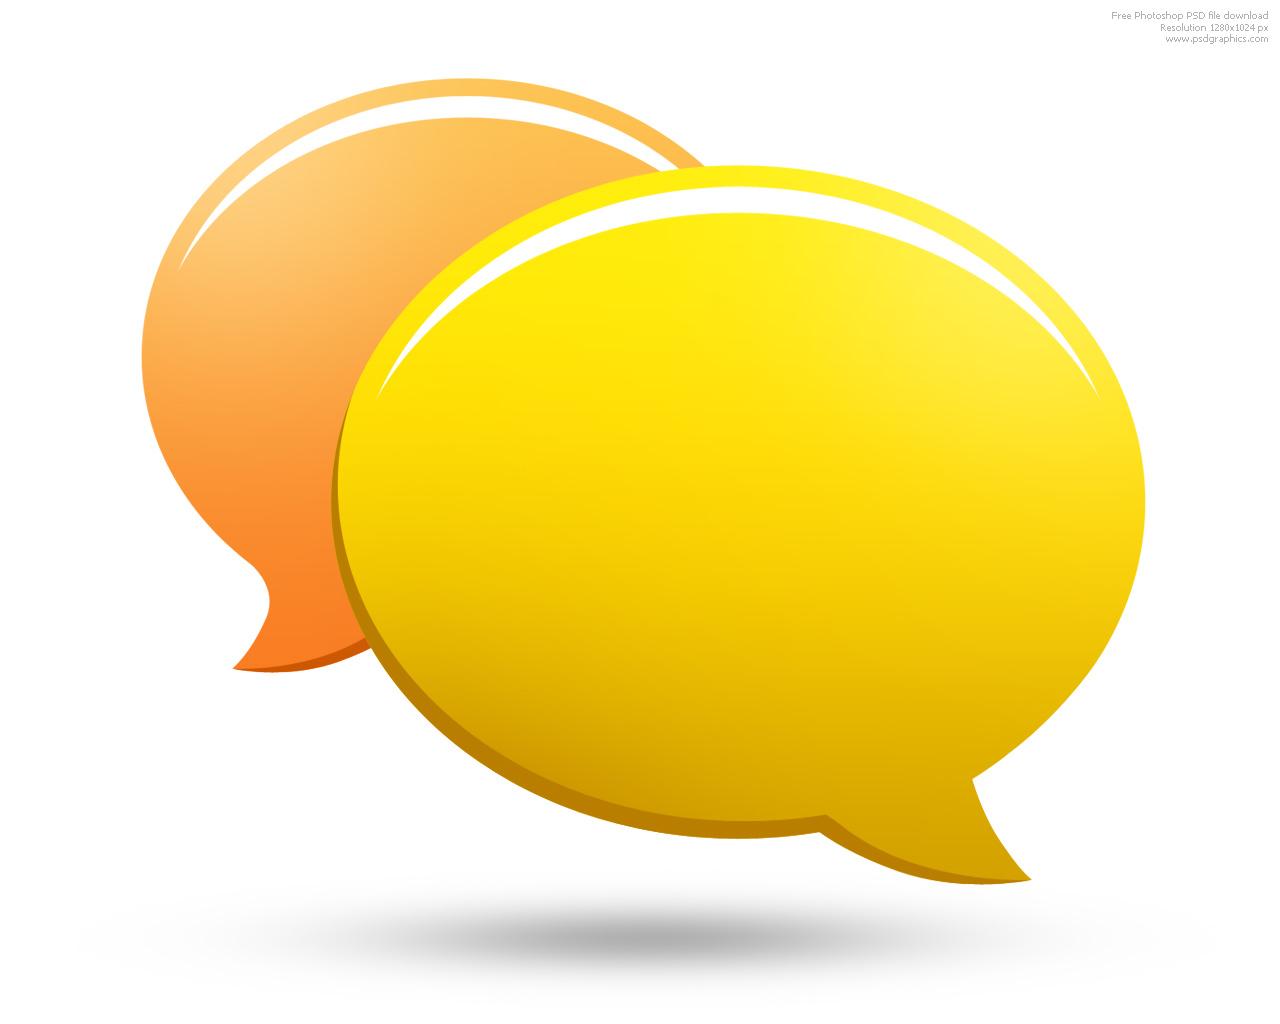 Chat E Incontri Gli Italiani Si Conoscono Sul Web